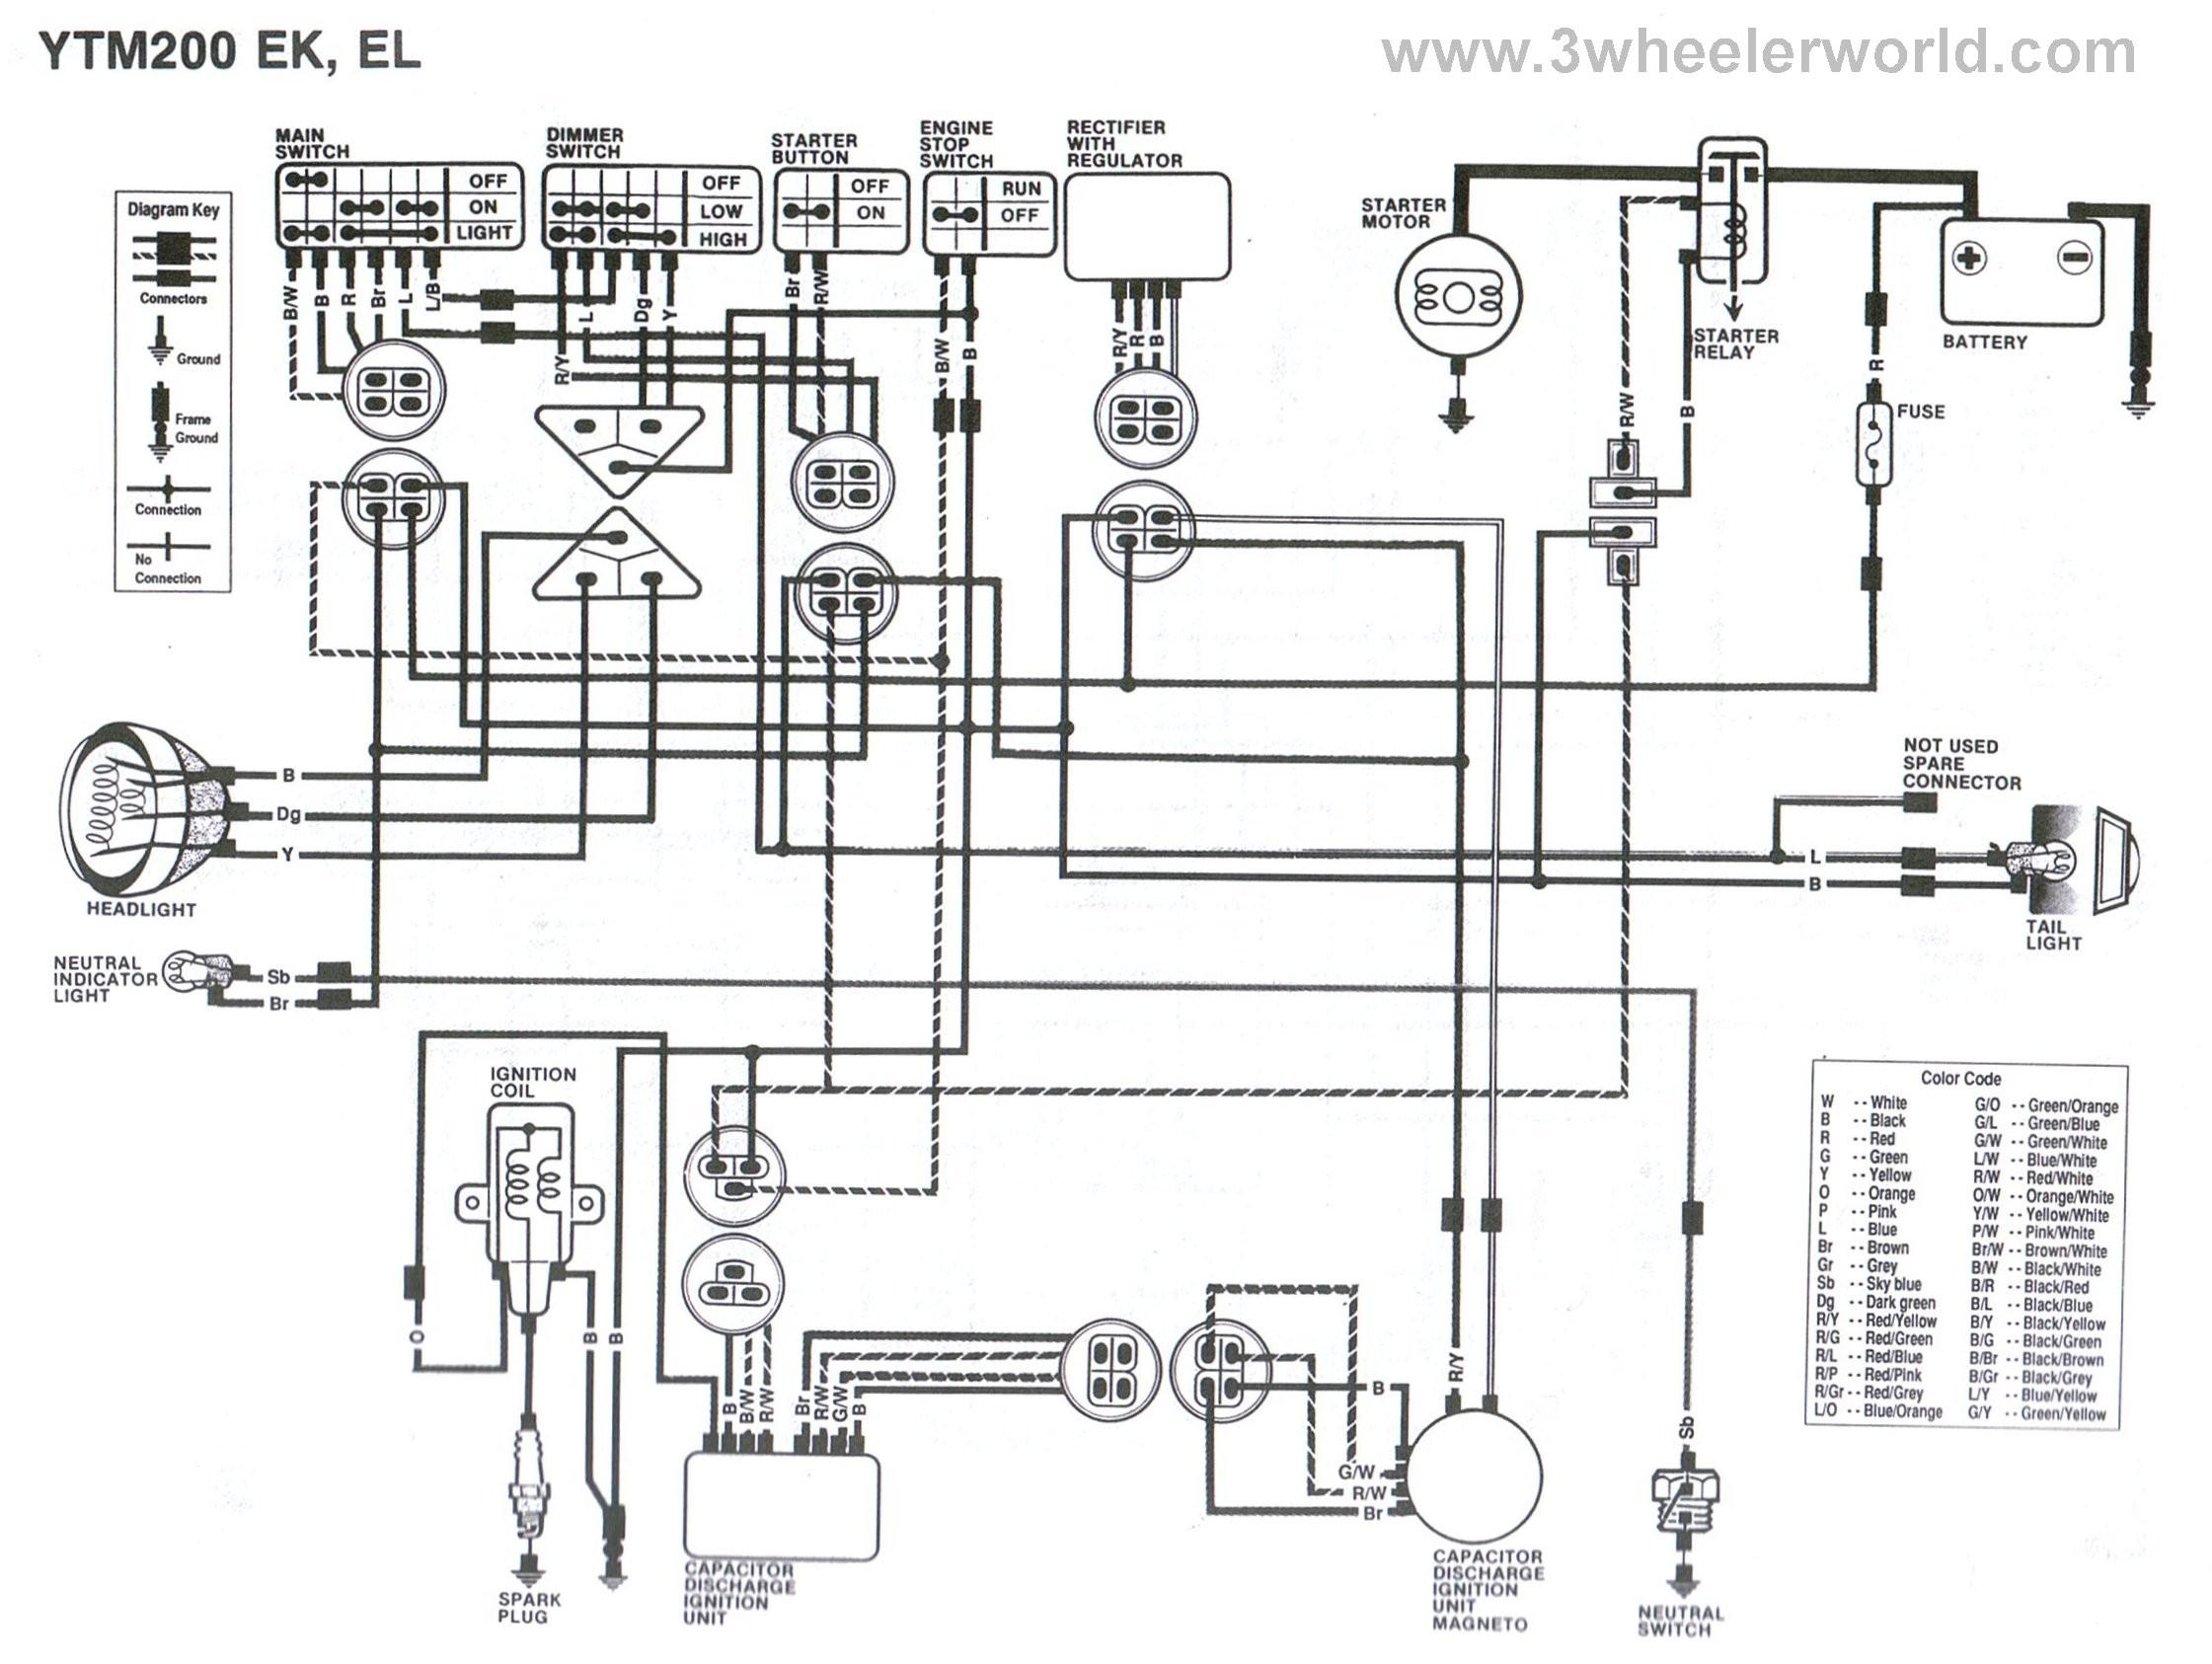 1985 yamaha virago wiring diagram